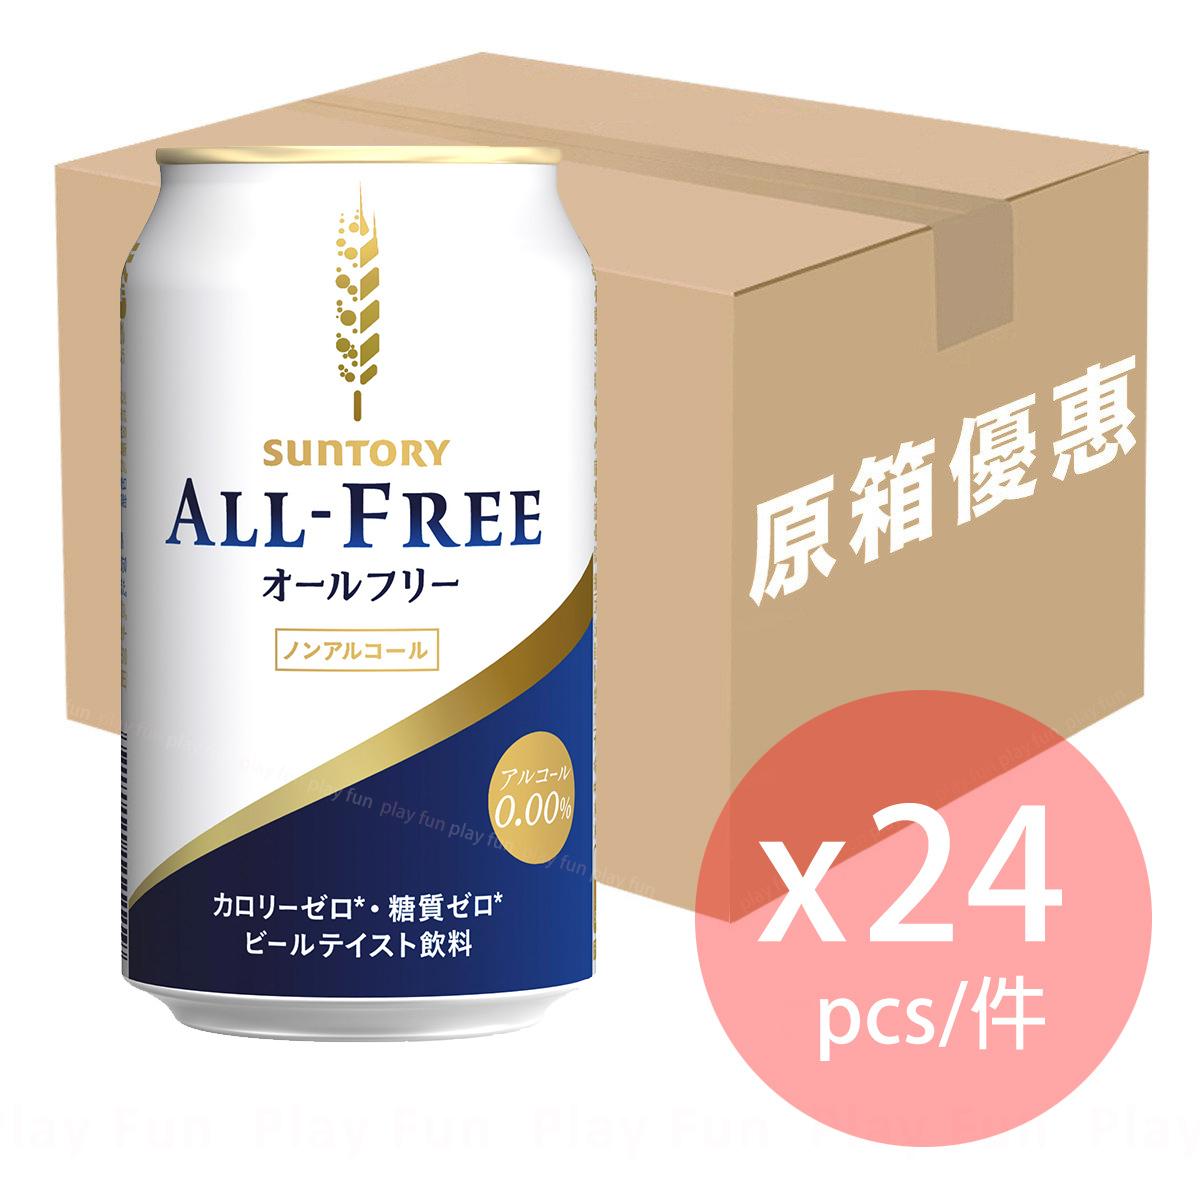 【原箱優惠】[日本版] 無酒精大麥啤酒 x 24罐 (白藍)